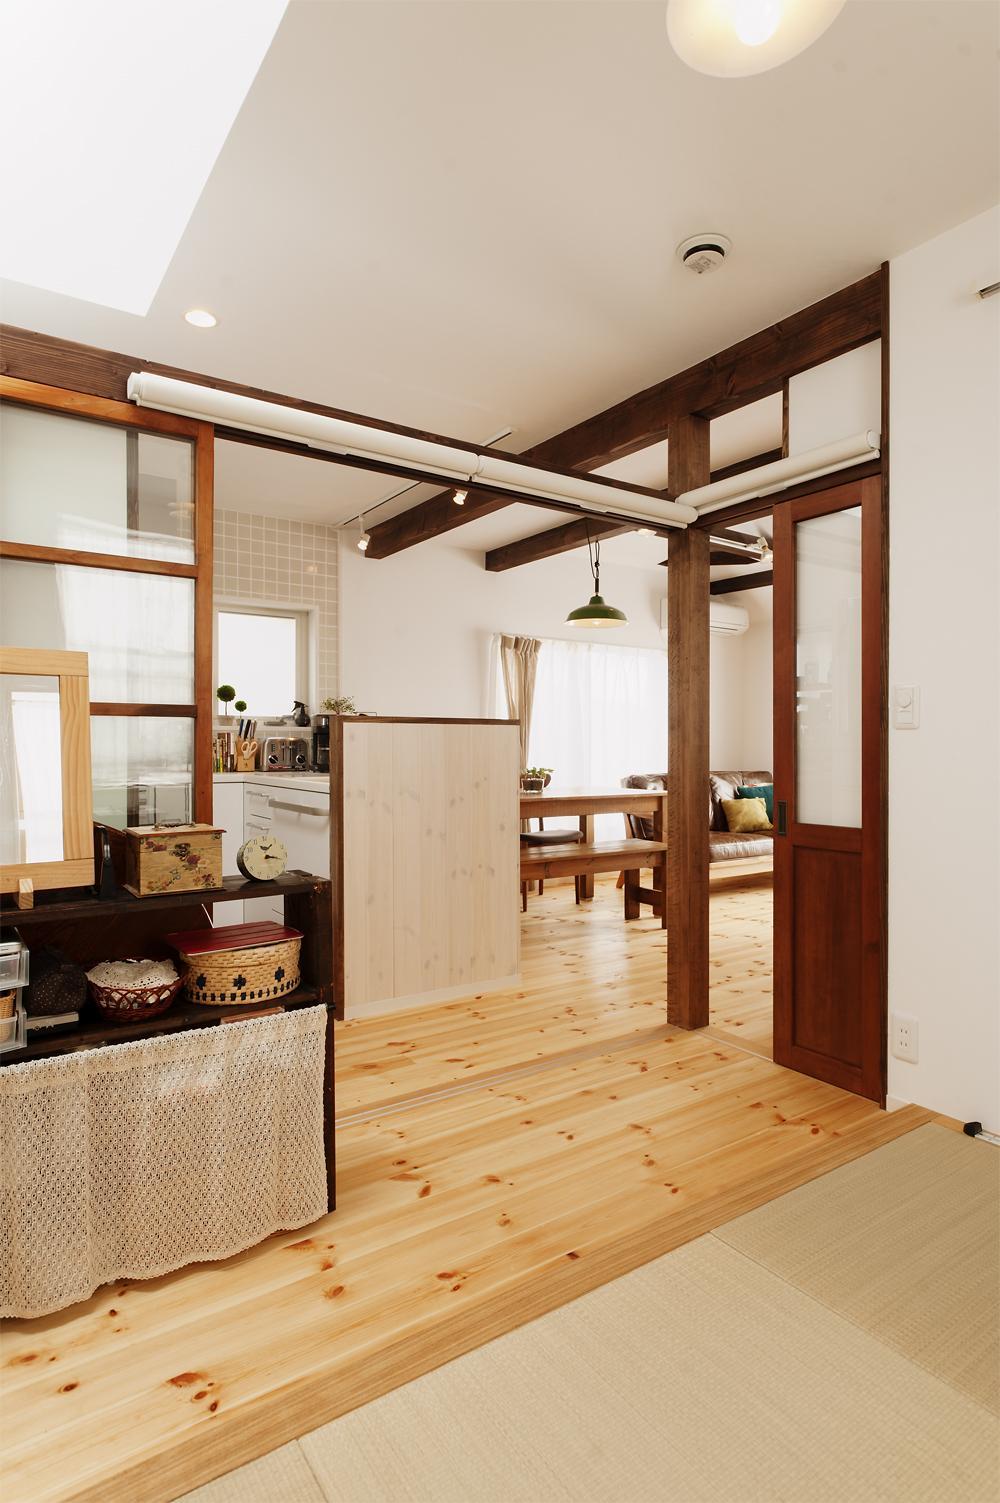 T邸・家族のくらしをより楽しく豊かにするとっておきの家の部屋 キッチン隣の畳コーナー-open